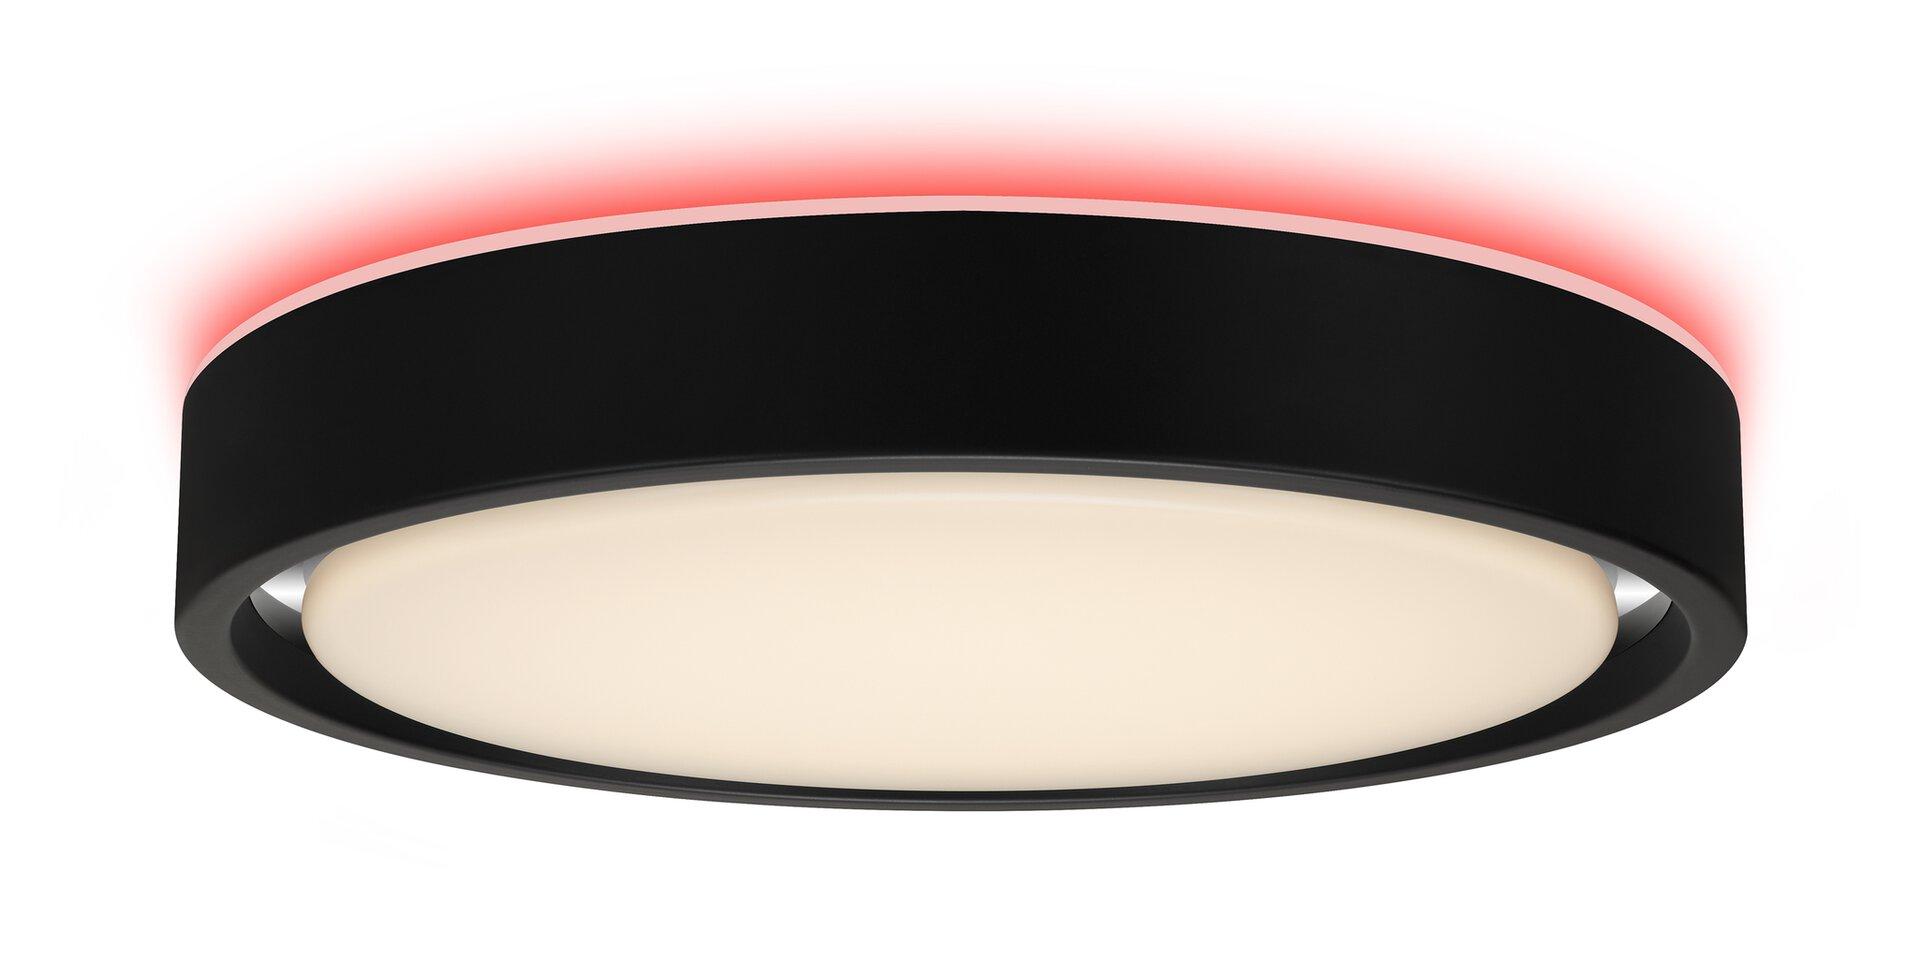 Deckenleuchte TALENA Briloner Metall schwarz 36 x 8 x 36 cm